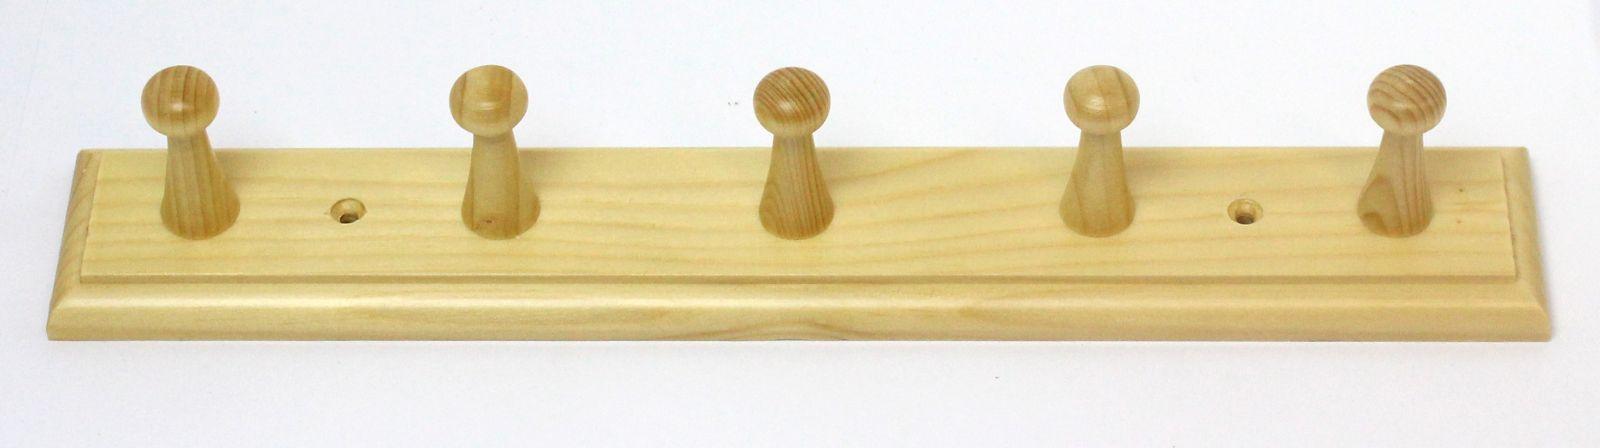 47014 dřevěný pětiháček smrk lak .330x53x55